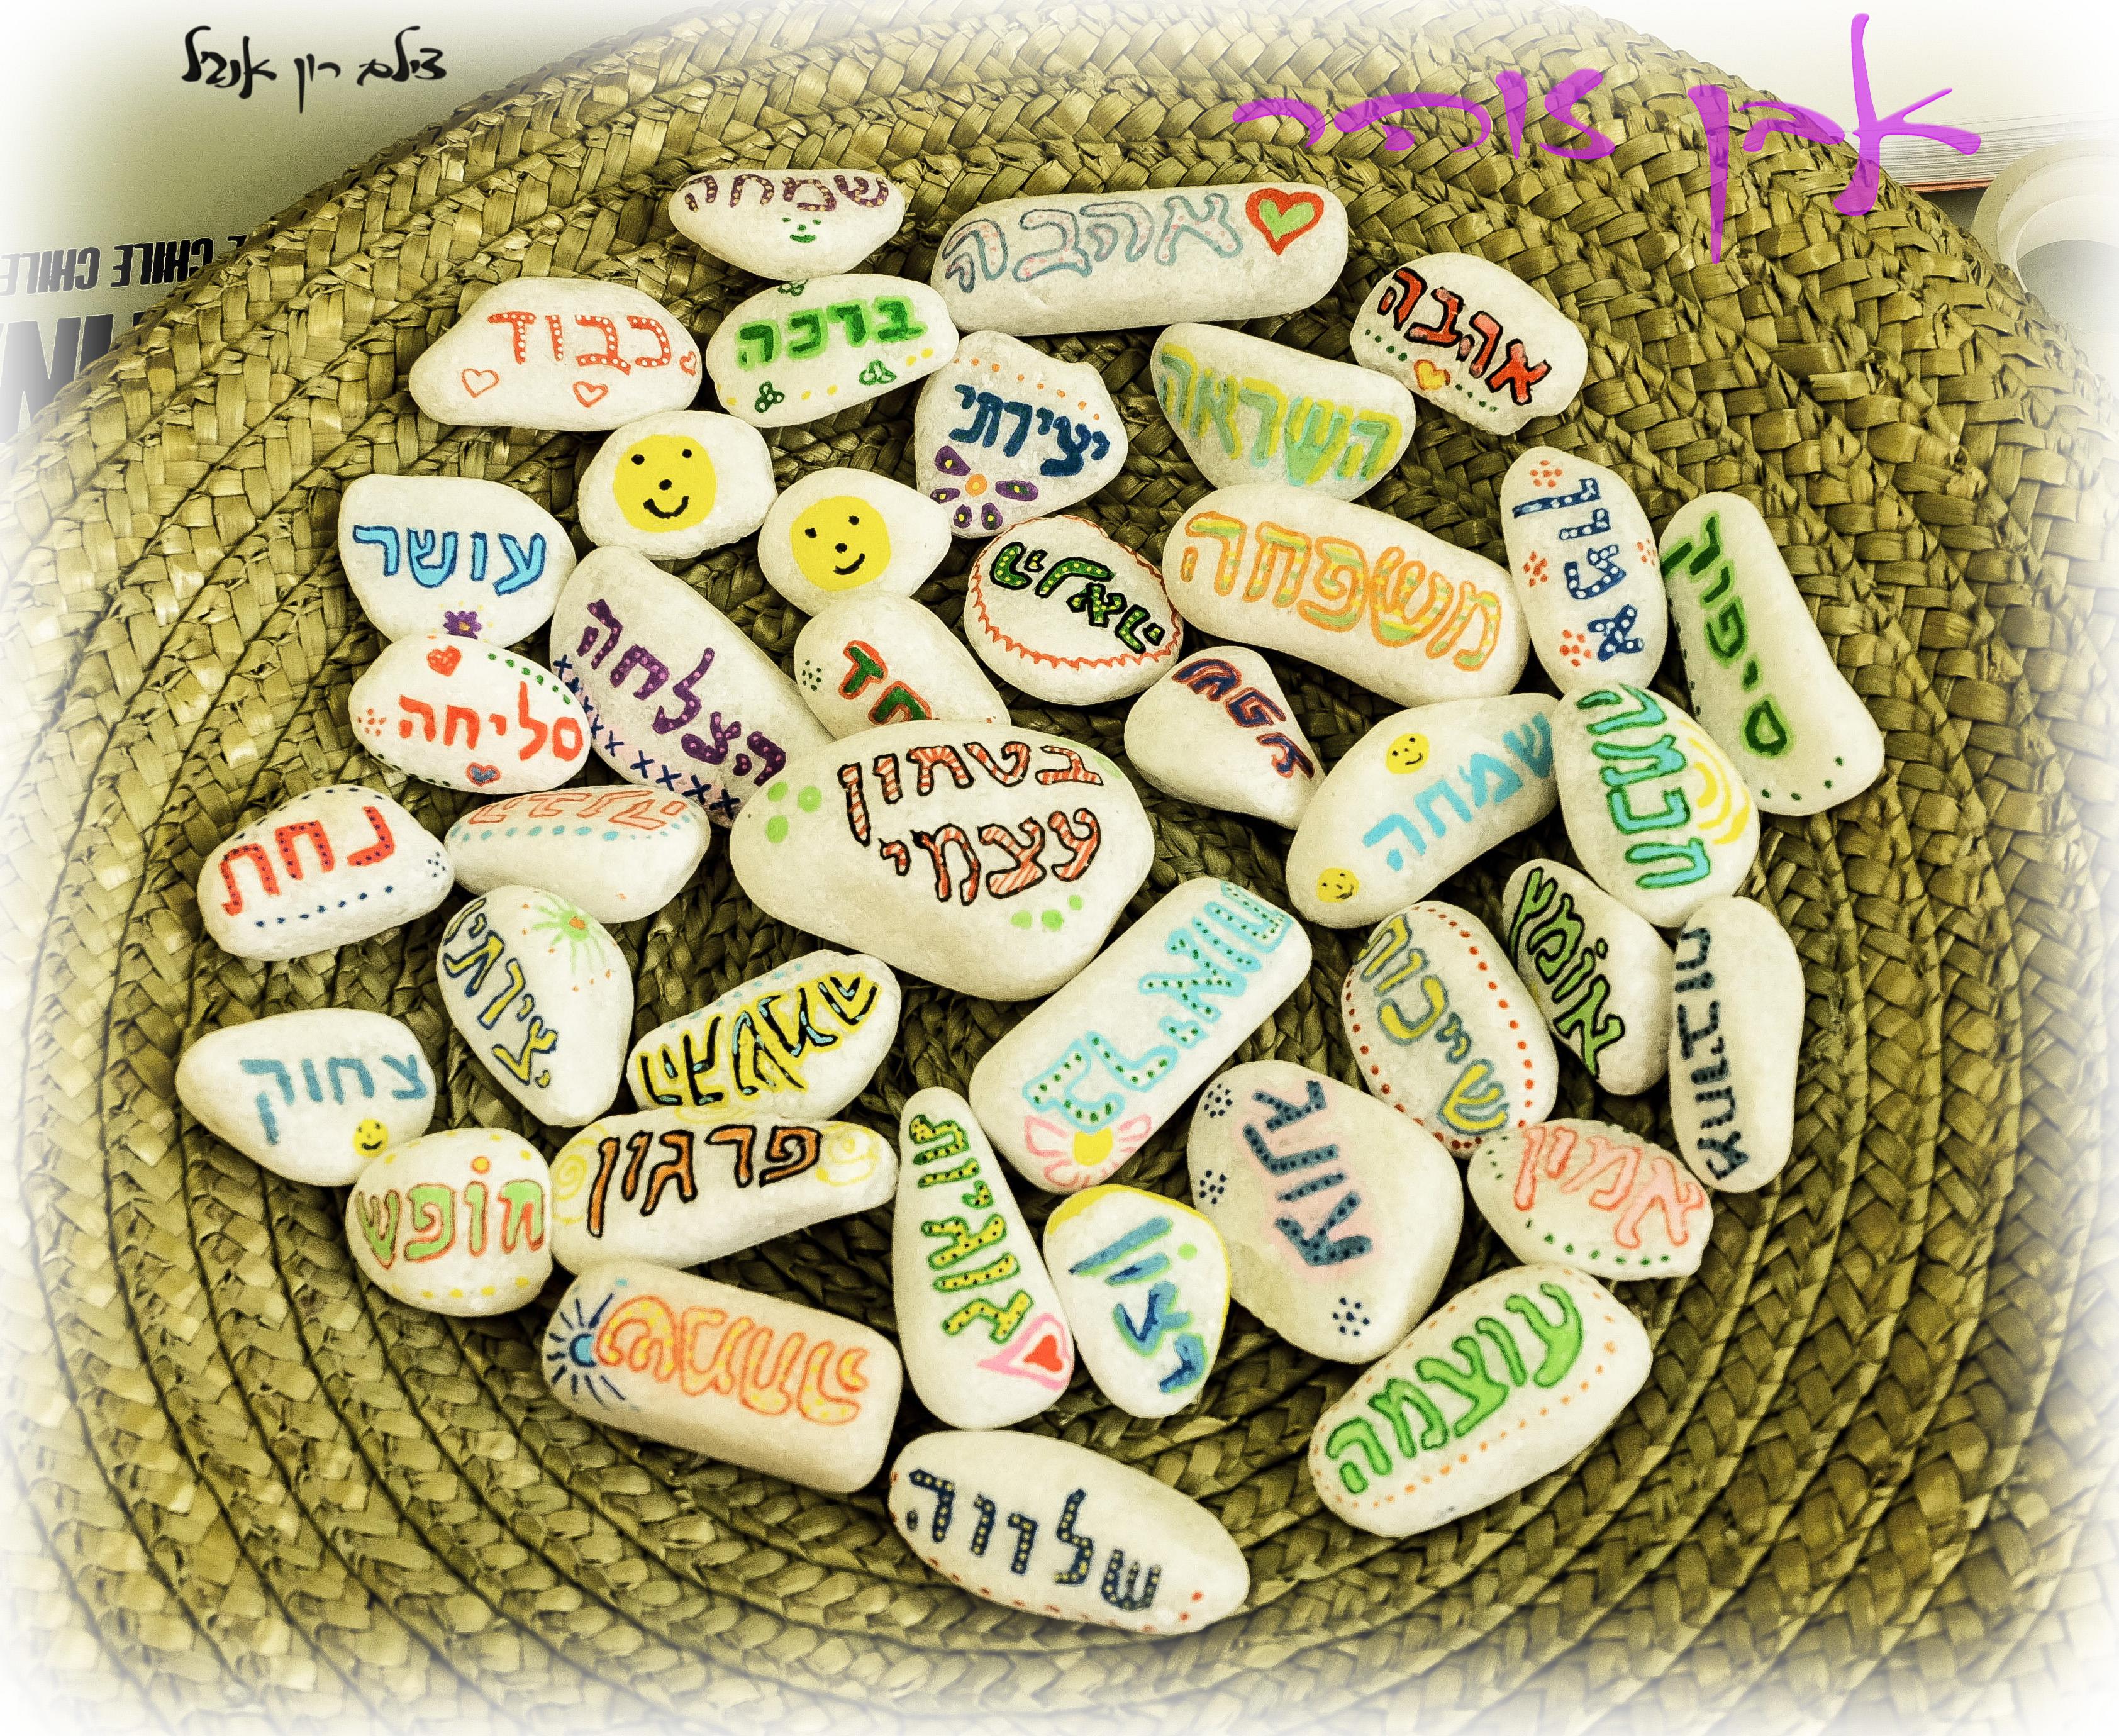 מילים על אבנים